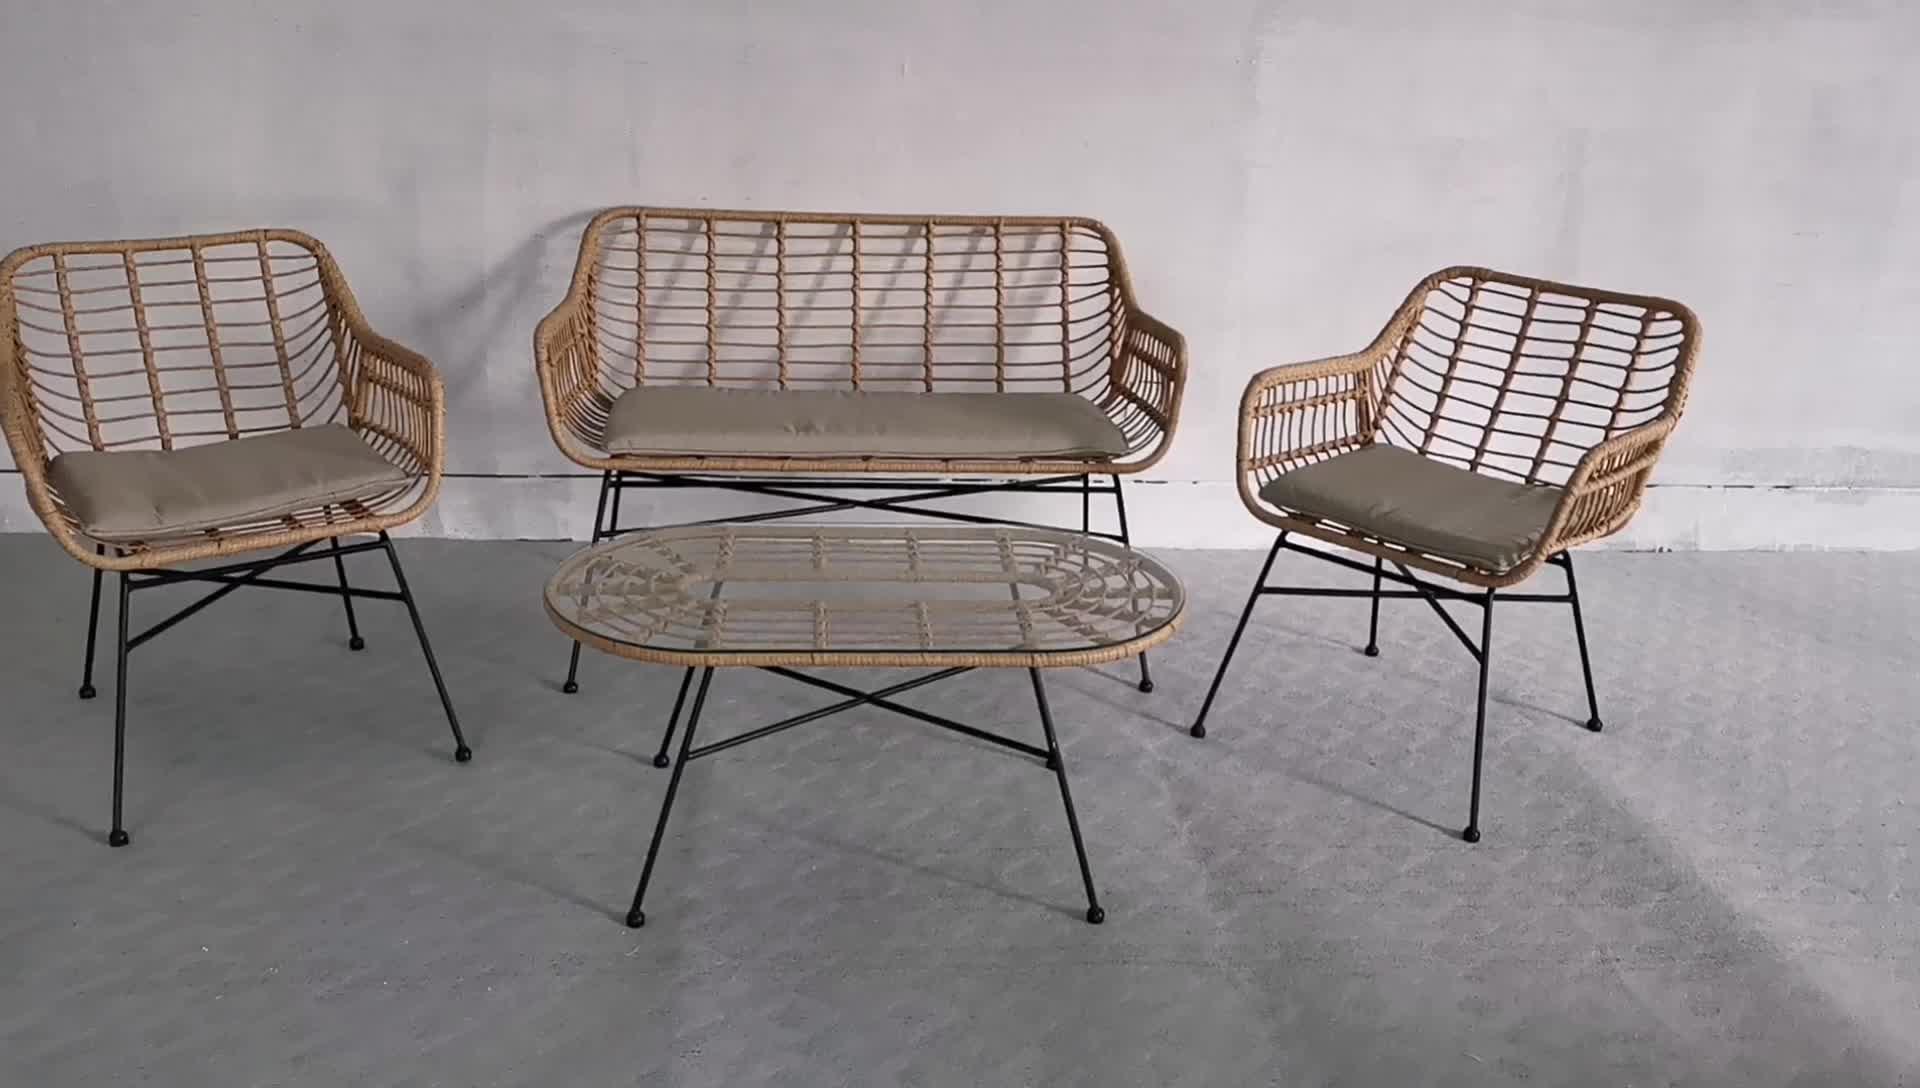 Muebles de jardín al aire libre 4 plazas sofá de ratán conjunto de